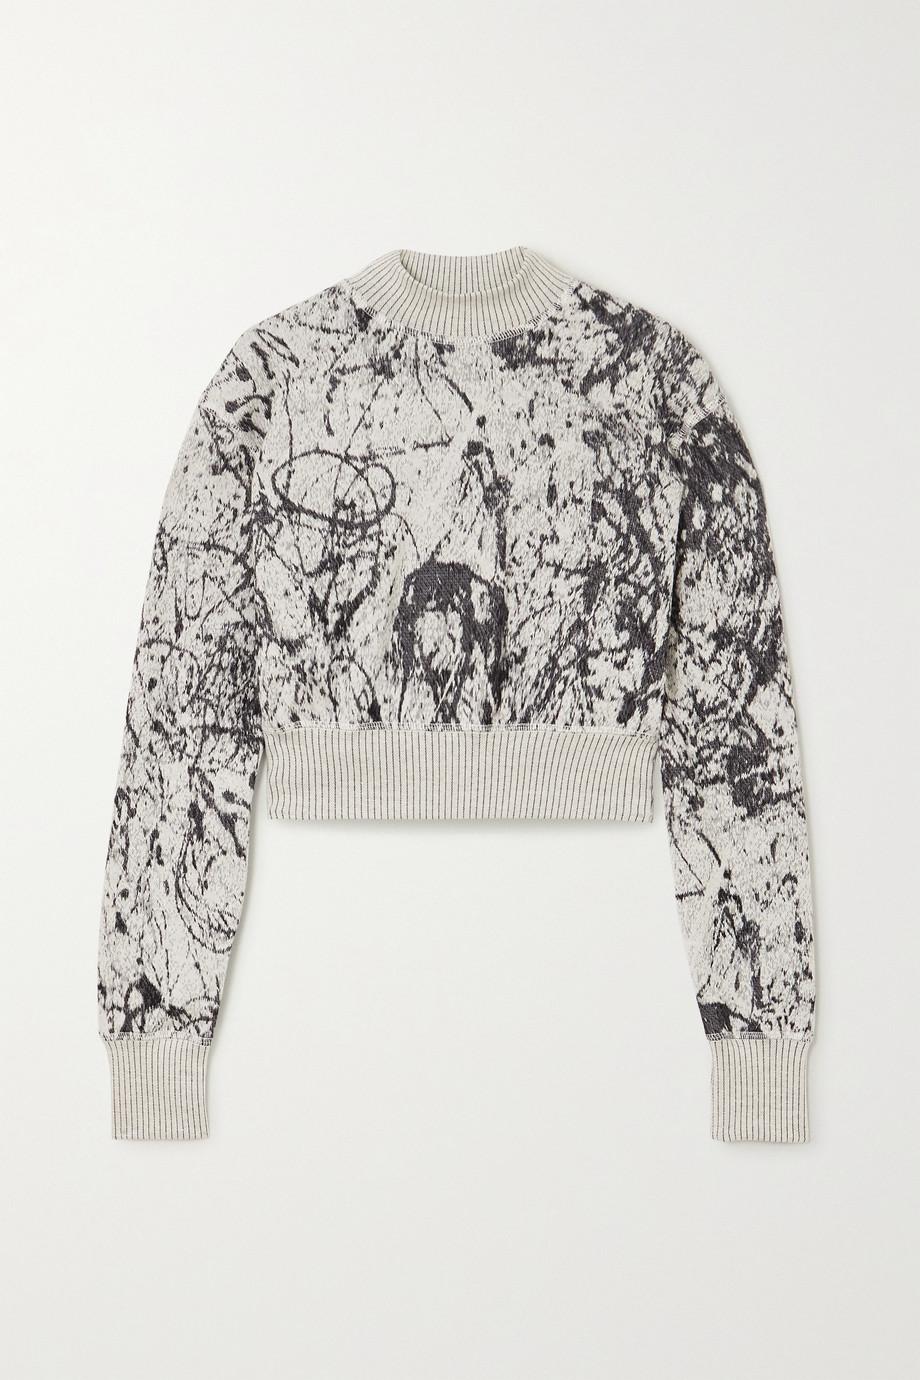 TWENTY Montréal Pollock Hyper Reality verkürztes Sweatshirt aus einer Baumwollmischung mit Intarsienmuster